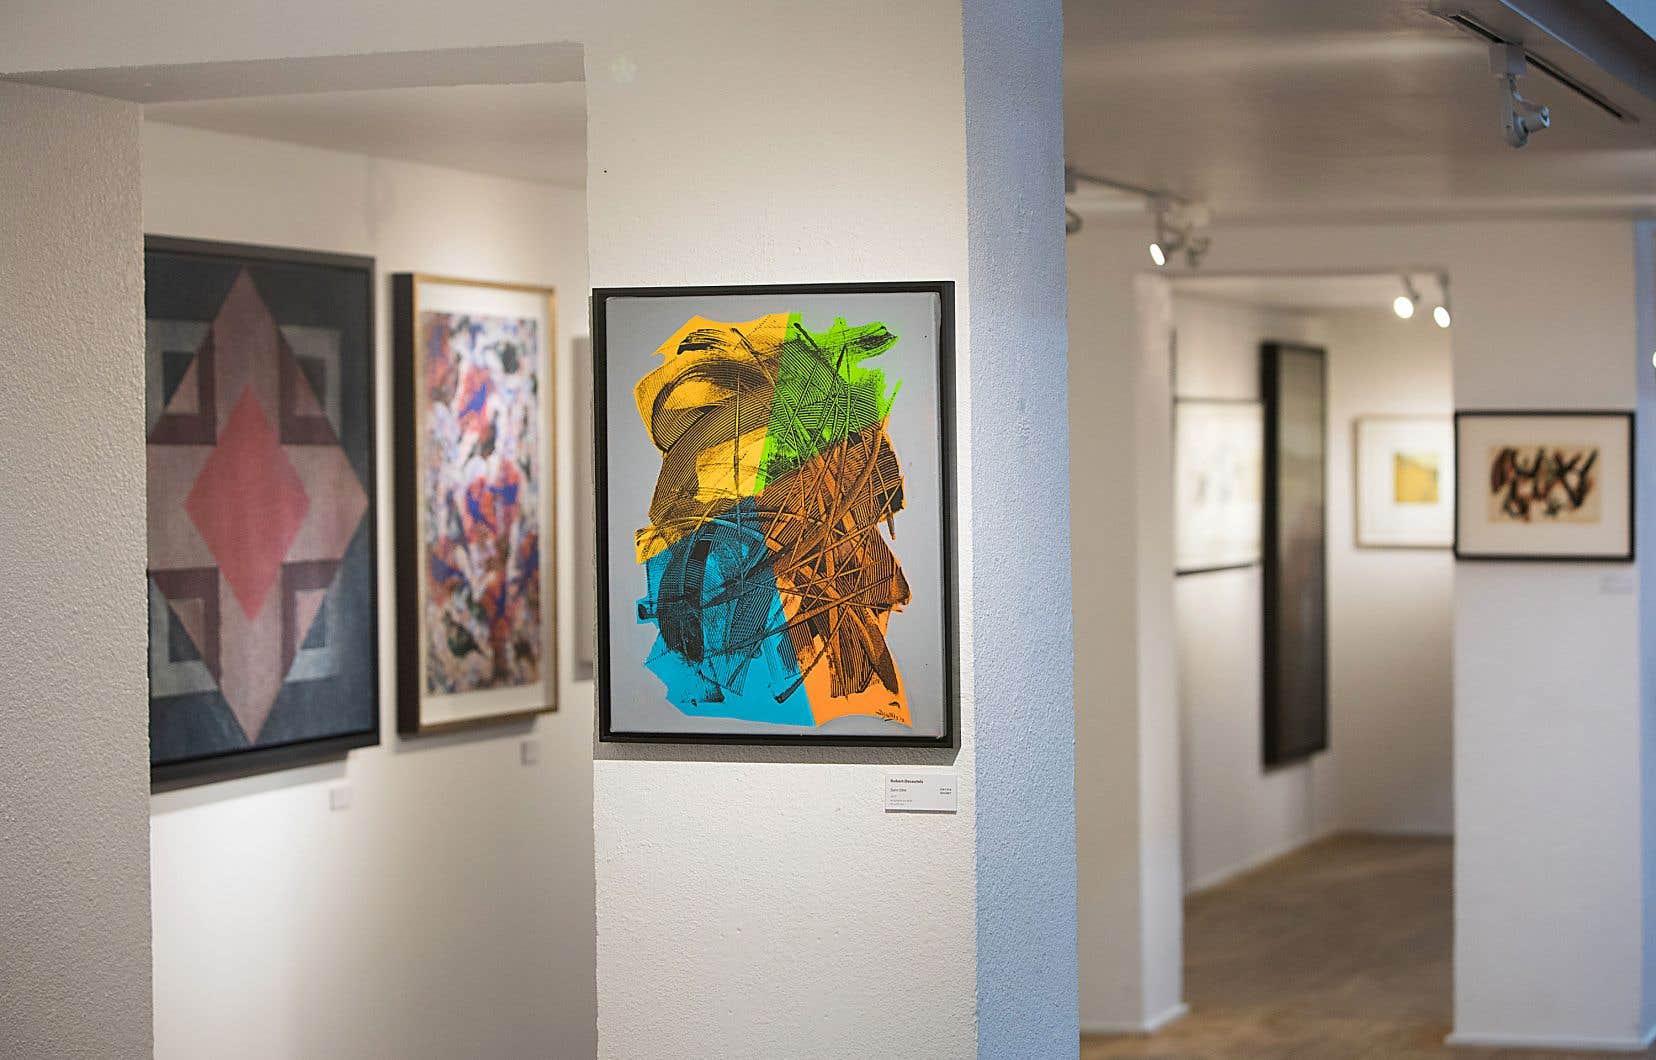 Les œuvres les plus anciennes remontent à la fin des années 1950. Et on a fait une belle place aux artistes des années 1960 et 1970, mais l'art d'aujourd'hui est bien présent.